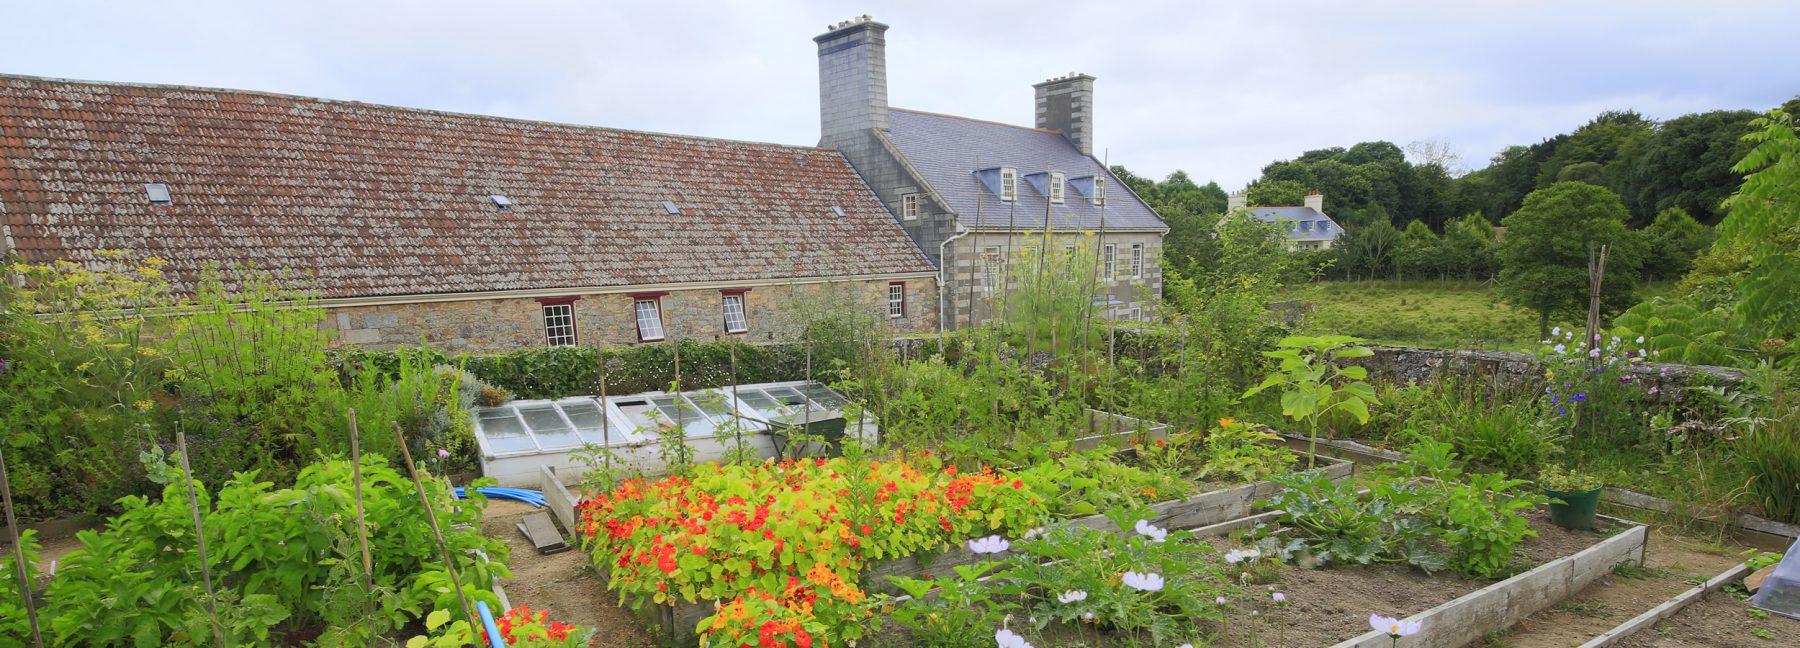 Walled Garden - Tony